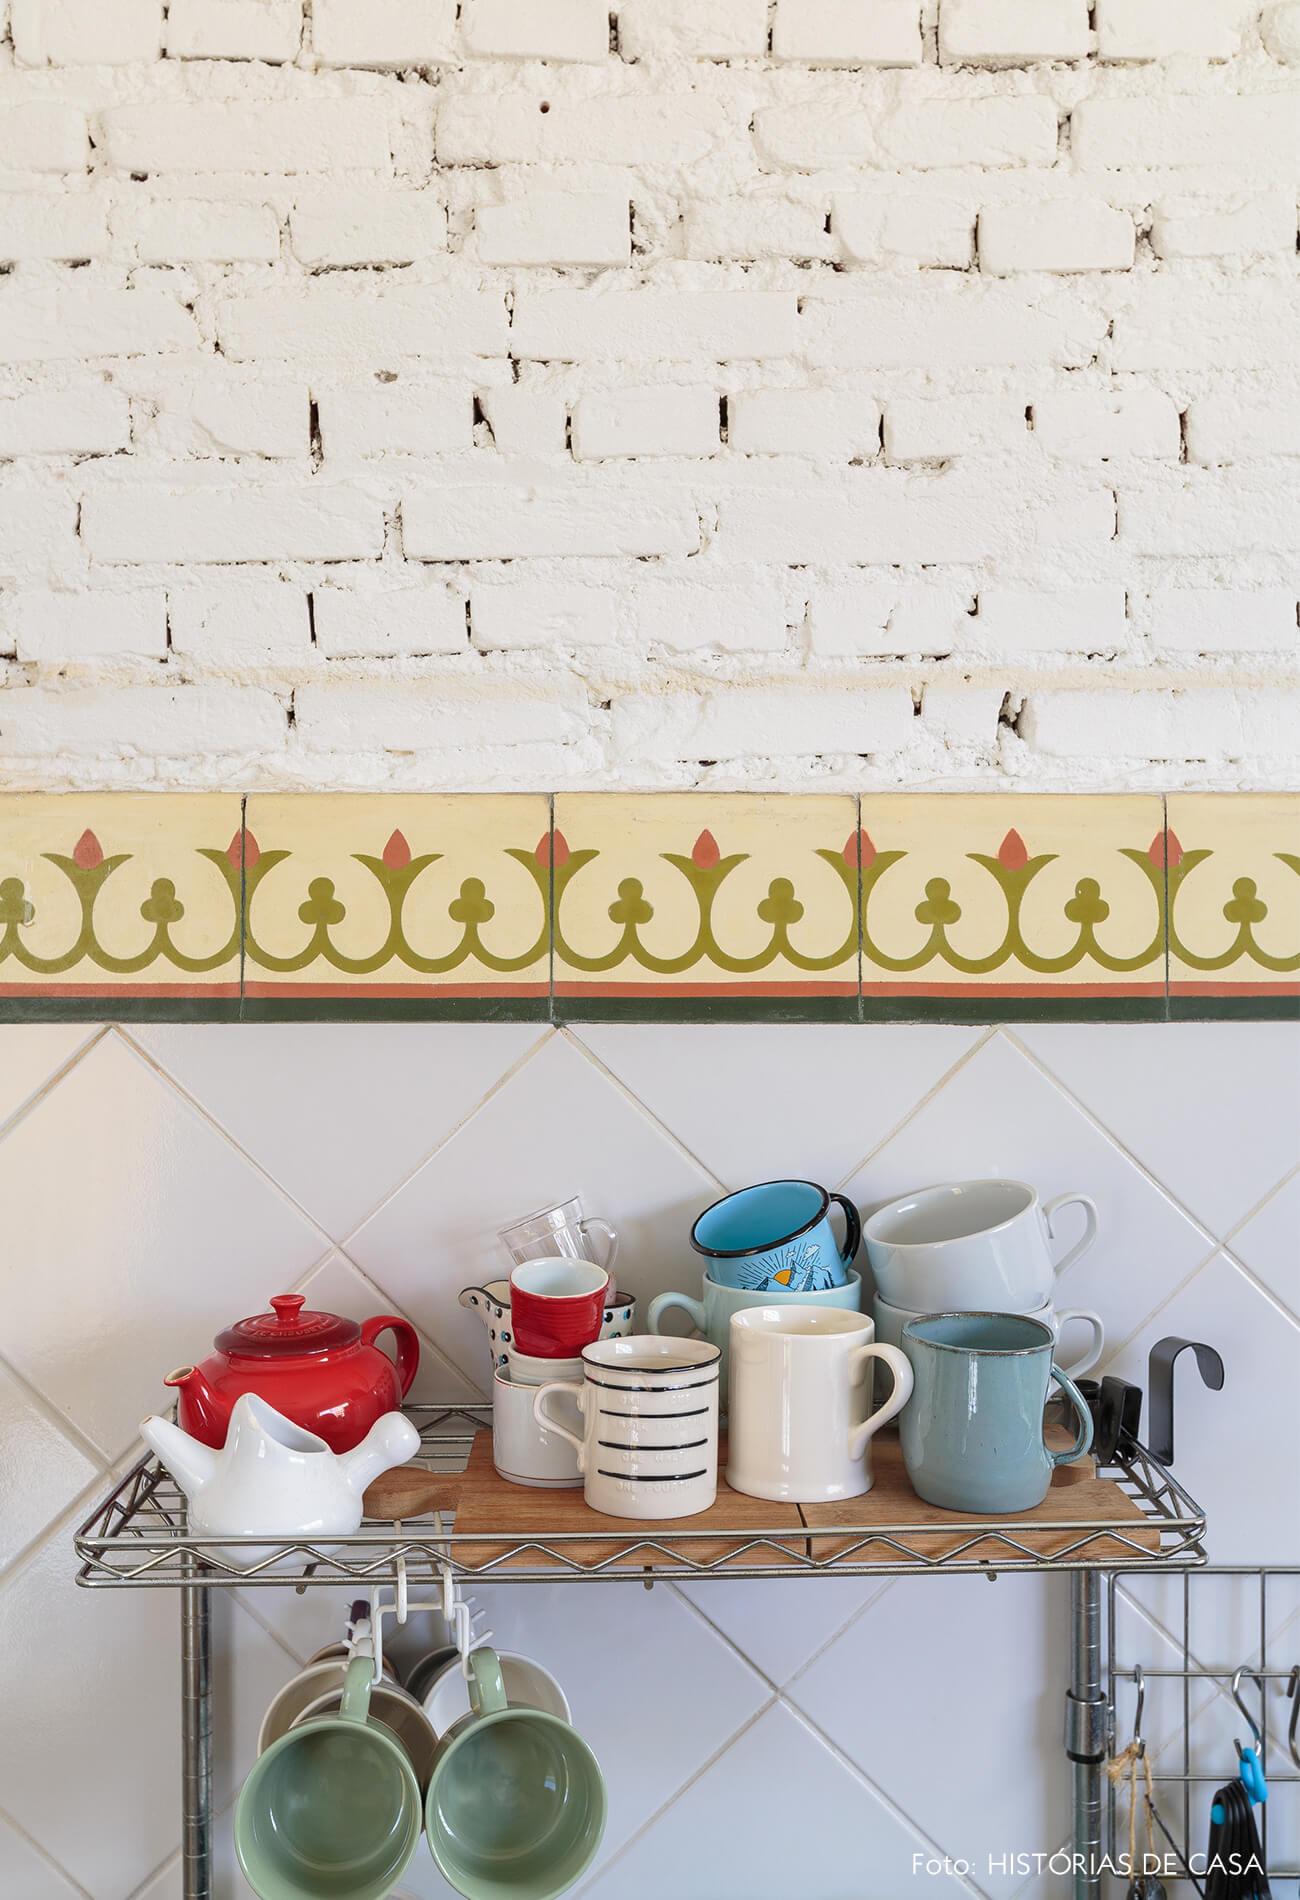 decoração cozinha com parede de tijolos brancos e azulejos coloridos